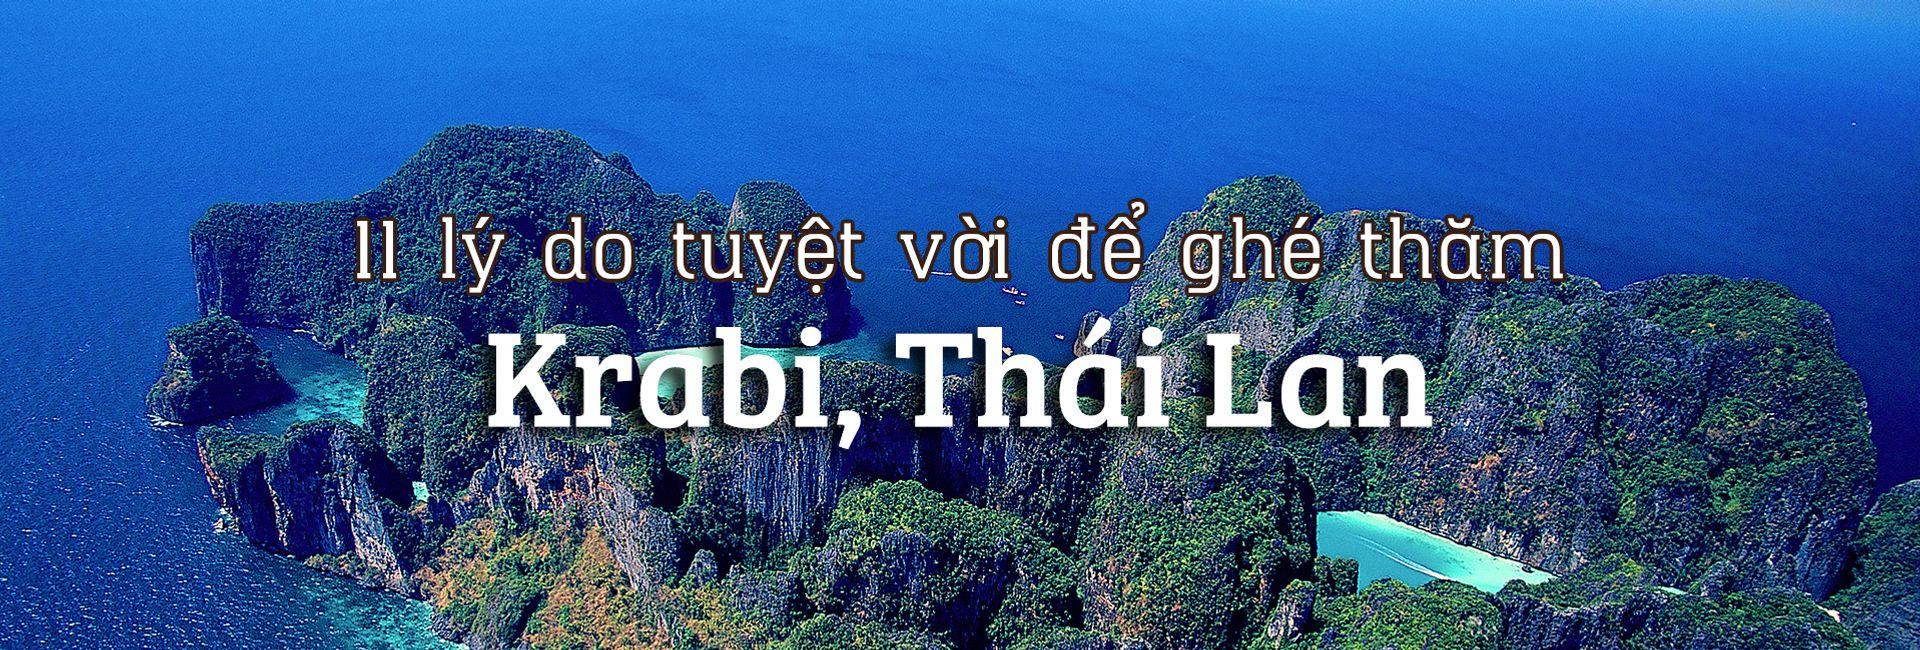 11 lý do tuyệt vời để ghé thăm Krabi, Thái Lan